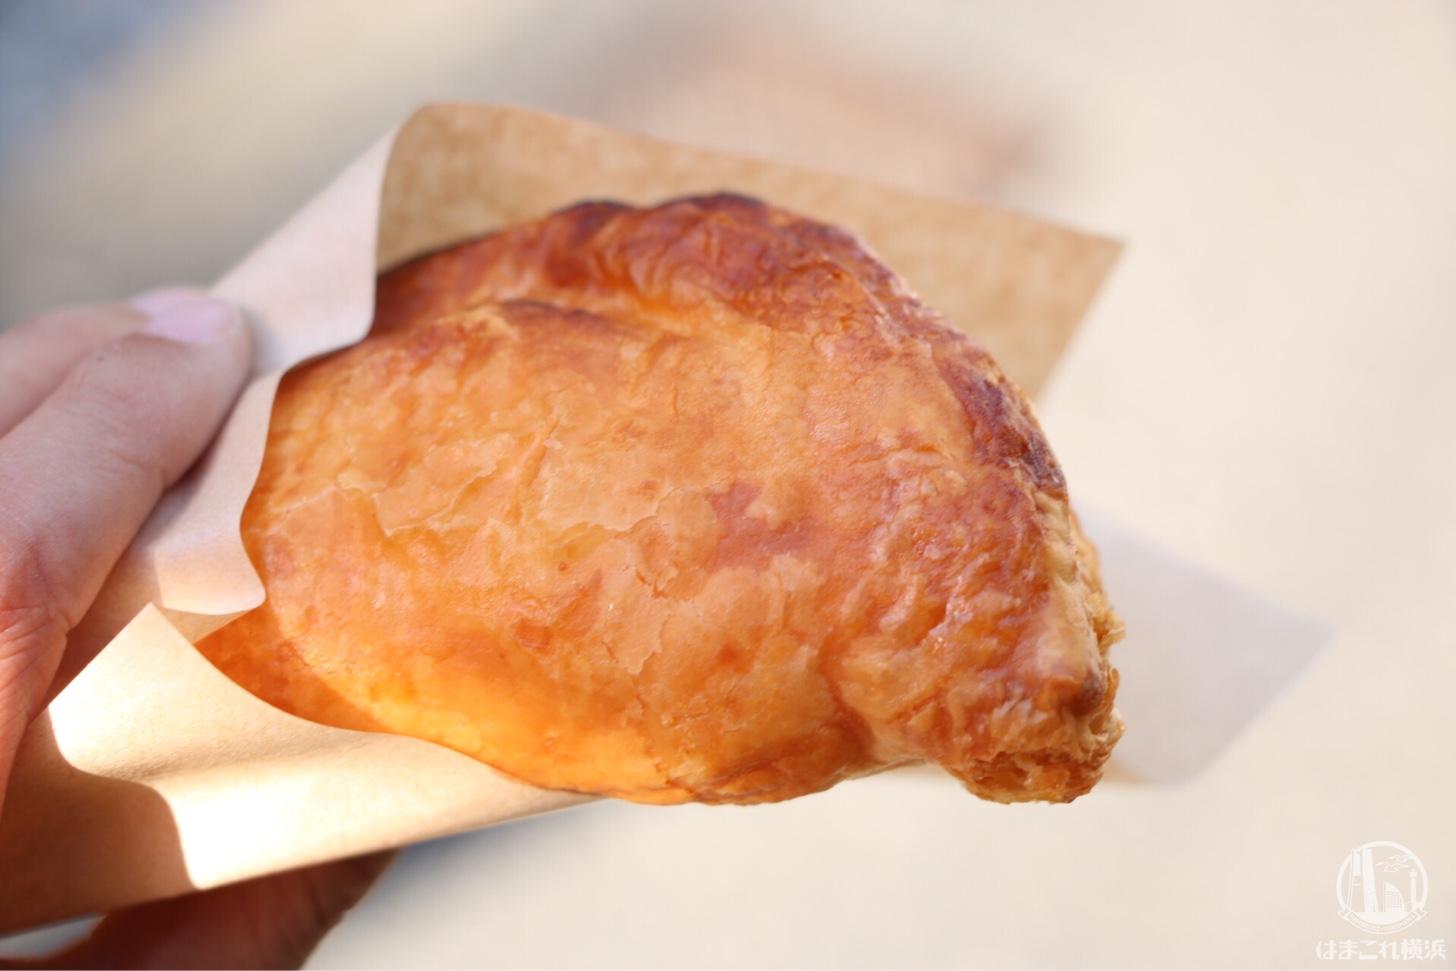 横浜中華街に「世界一の焼き立てパイ ミレメーレ」が誕生!ゴロッとりんごとサクッと生地が美味いアップルパイ